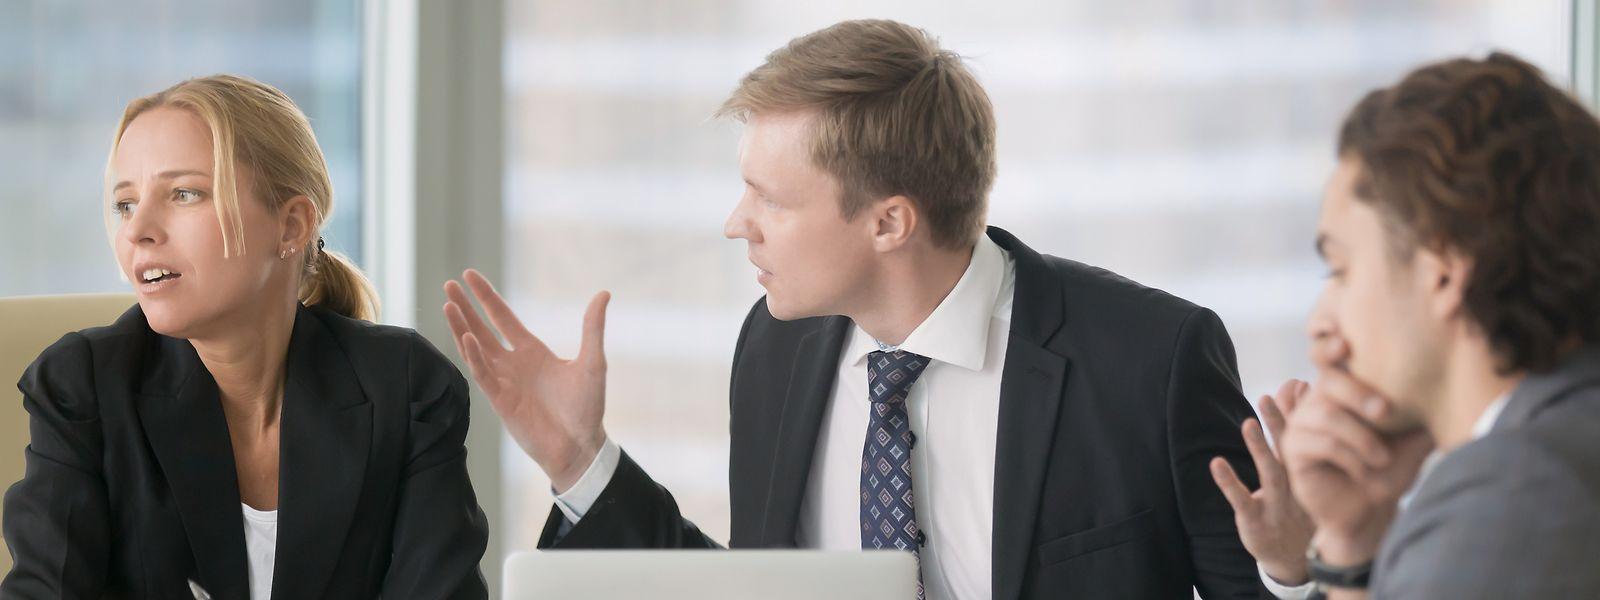 Un différend au travail peut naître de trois causes: l'interprétation, la contrainte ou le jugement.